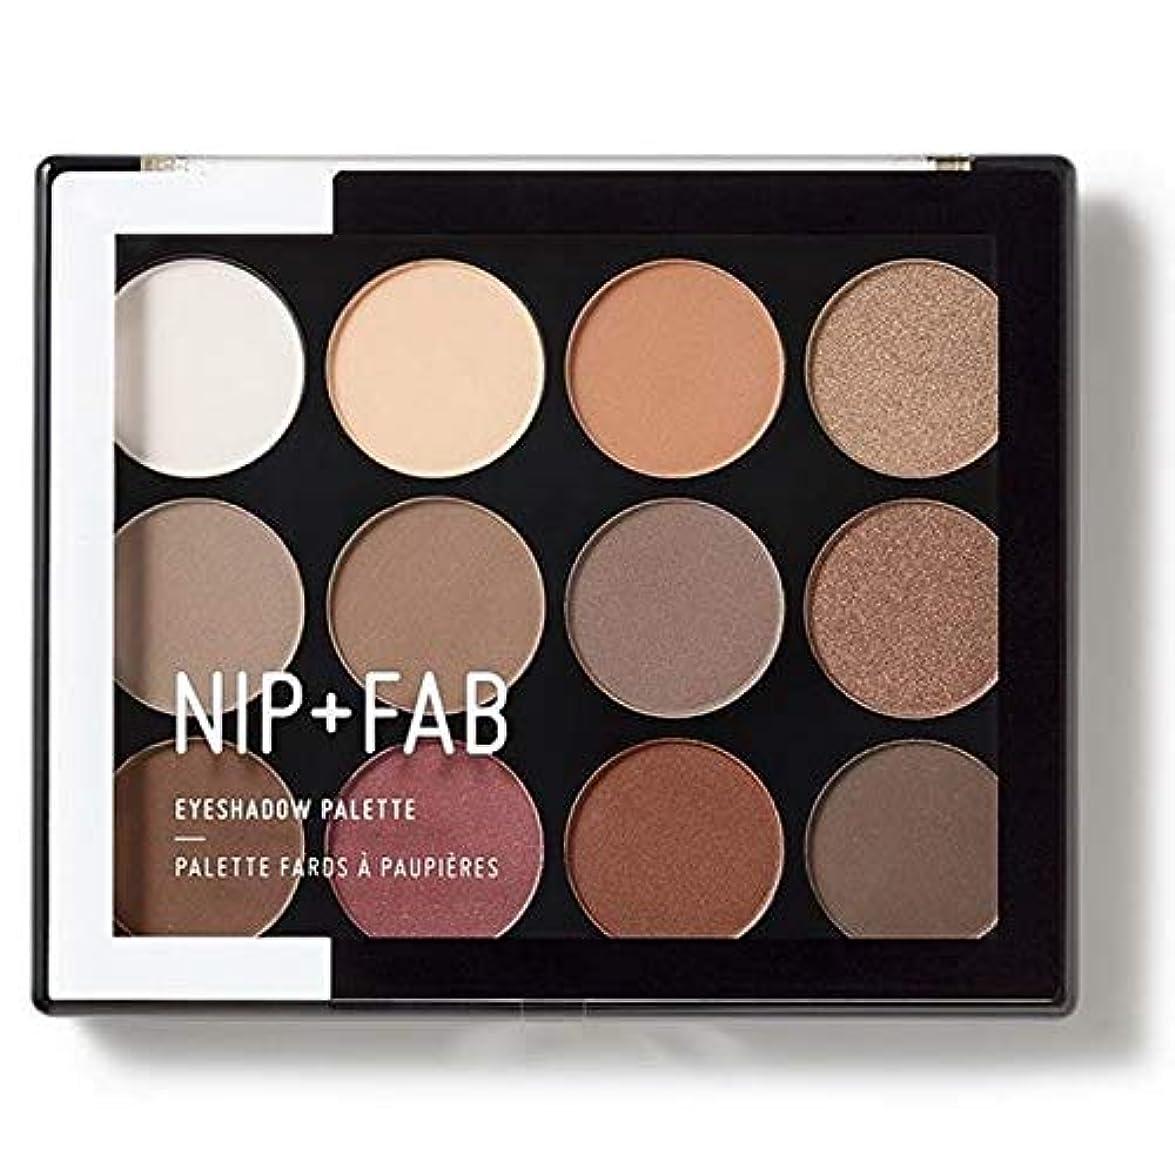 急ぐ牛肉物理的な[Nip & Fab ] アイシャドウパレット12グラムが1を彫刻作るFab +ニップ - NIP+FAB Make Up Eyeshadow Palette 12g Sculpted 1 [並行輸入品]